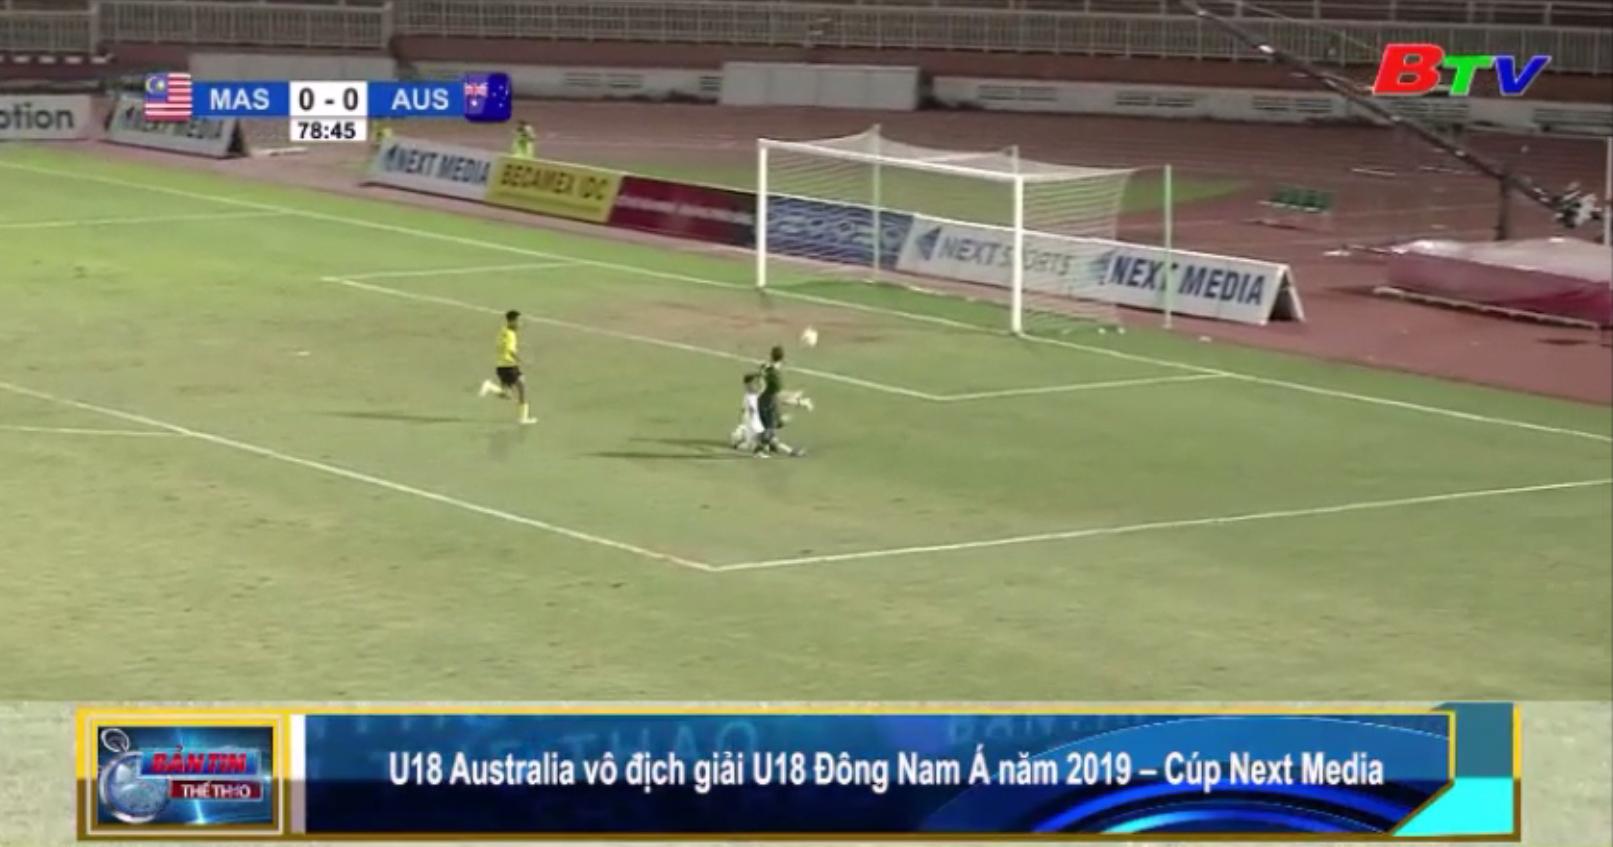 U18 Australia vô địch giải U18 Đông Nam Á năm 2019 - Cúp Next Media